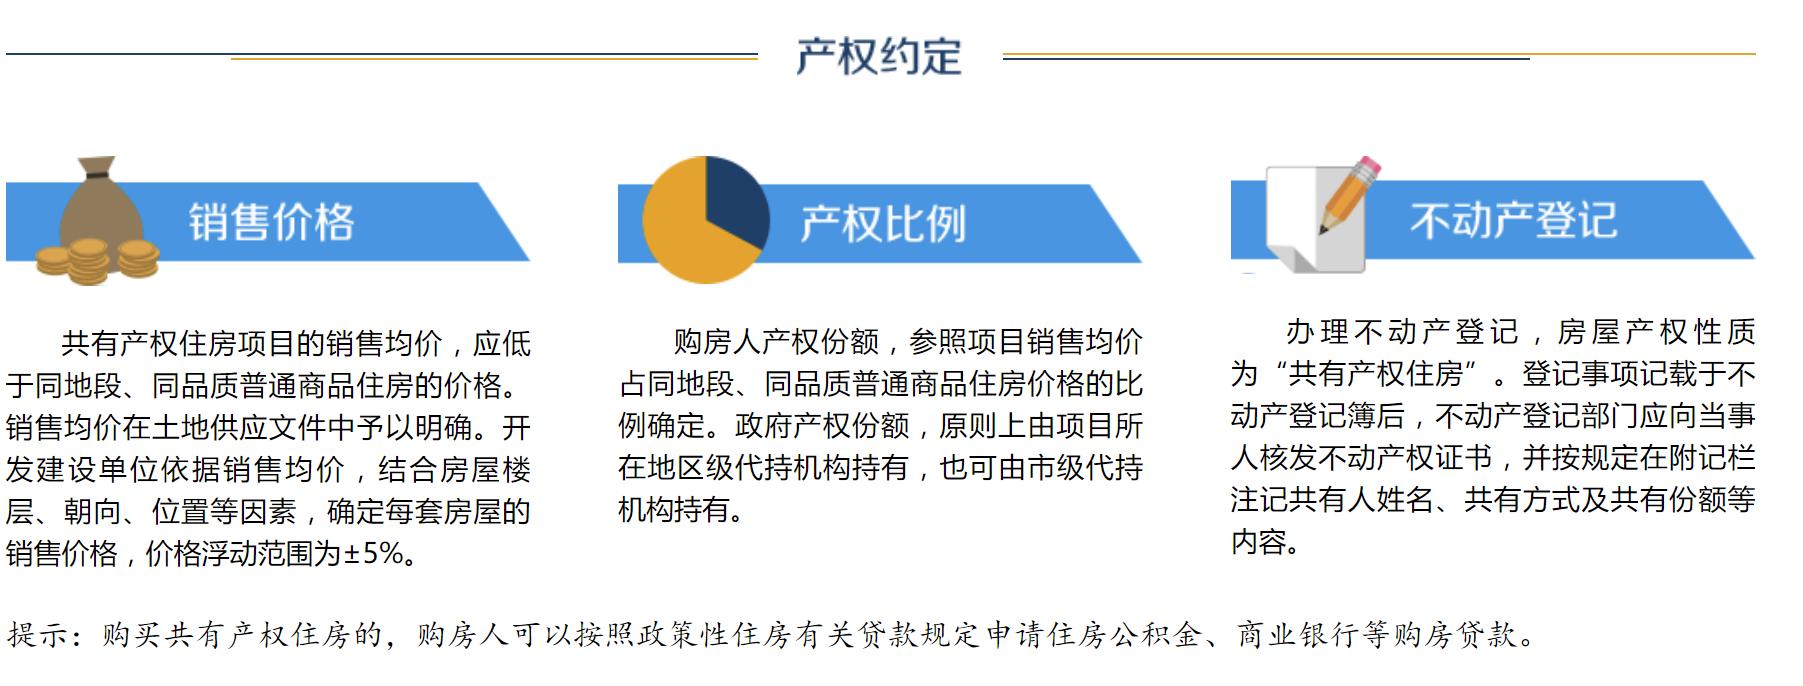 北京共有产权房申请网站-北京共有产权房申请